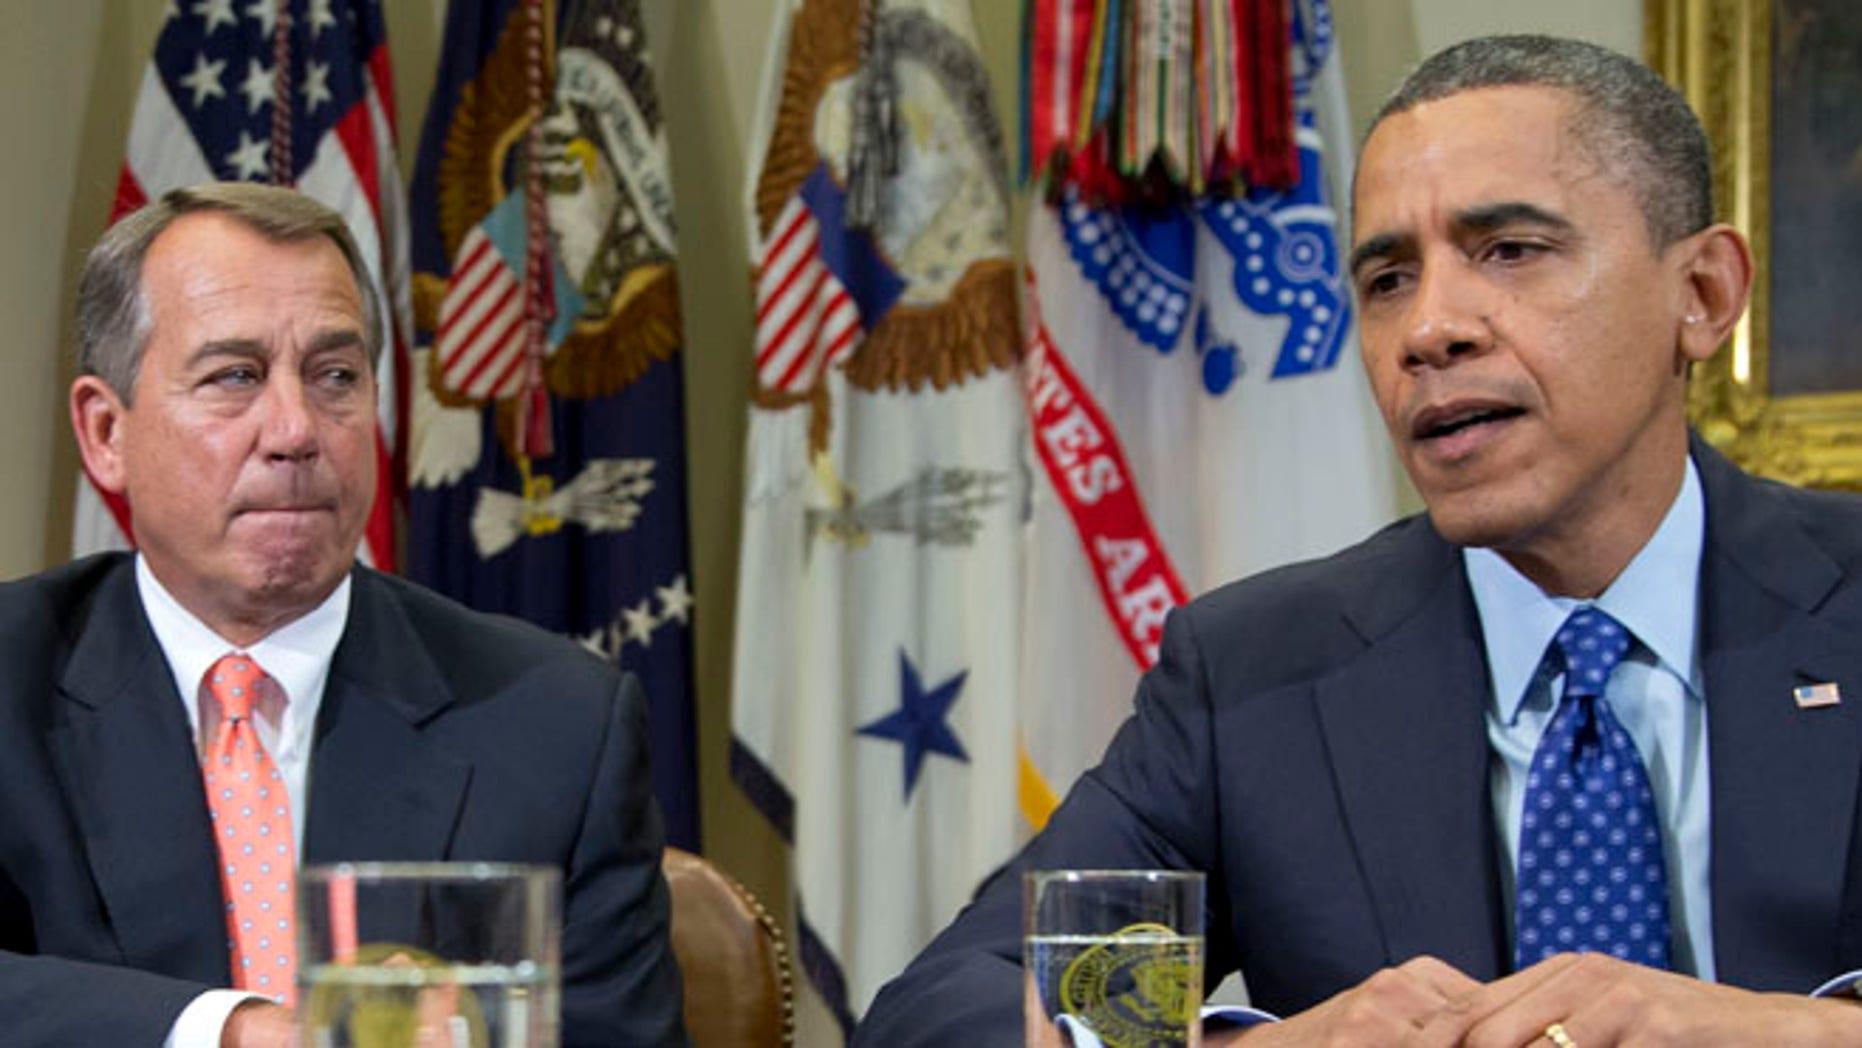 Nov. 16, 2012: President Obama, accompanied by House Speaker John Boehner, speaks to reporters in the Roosevelt Room of the White House.